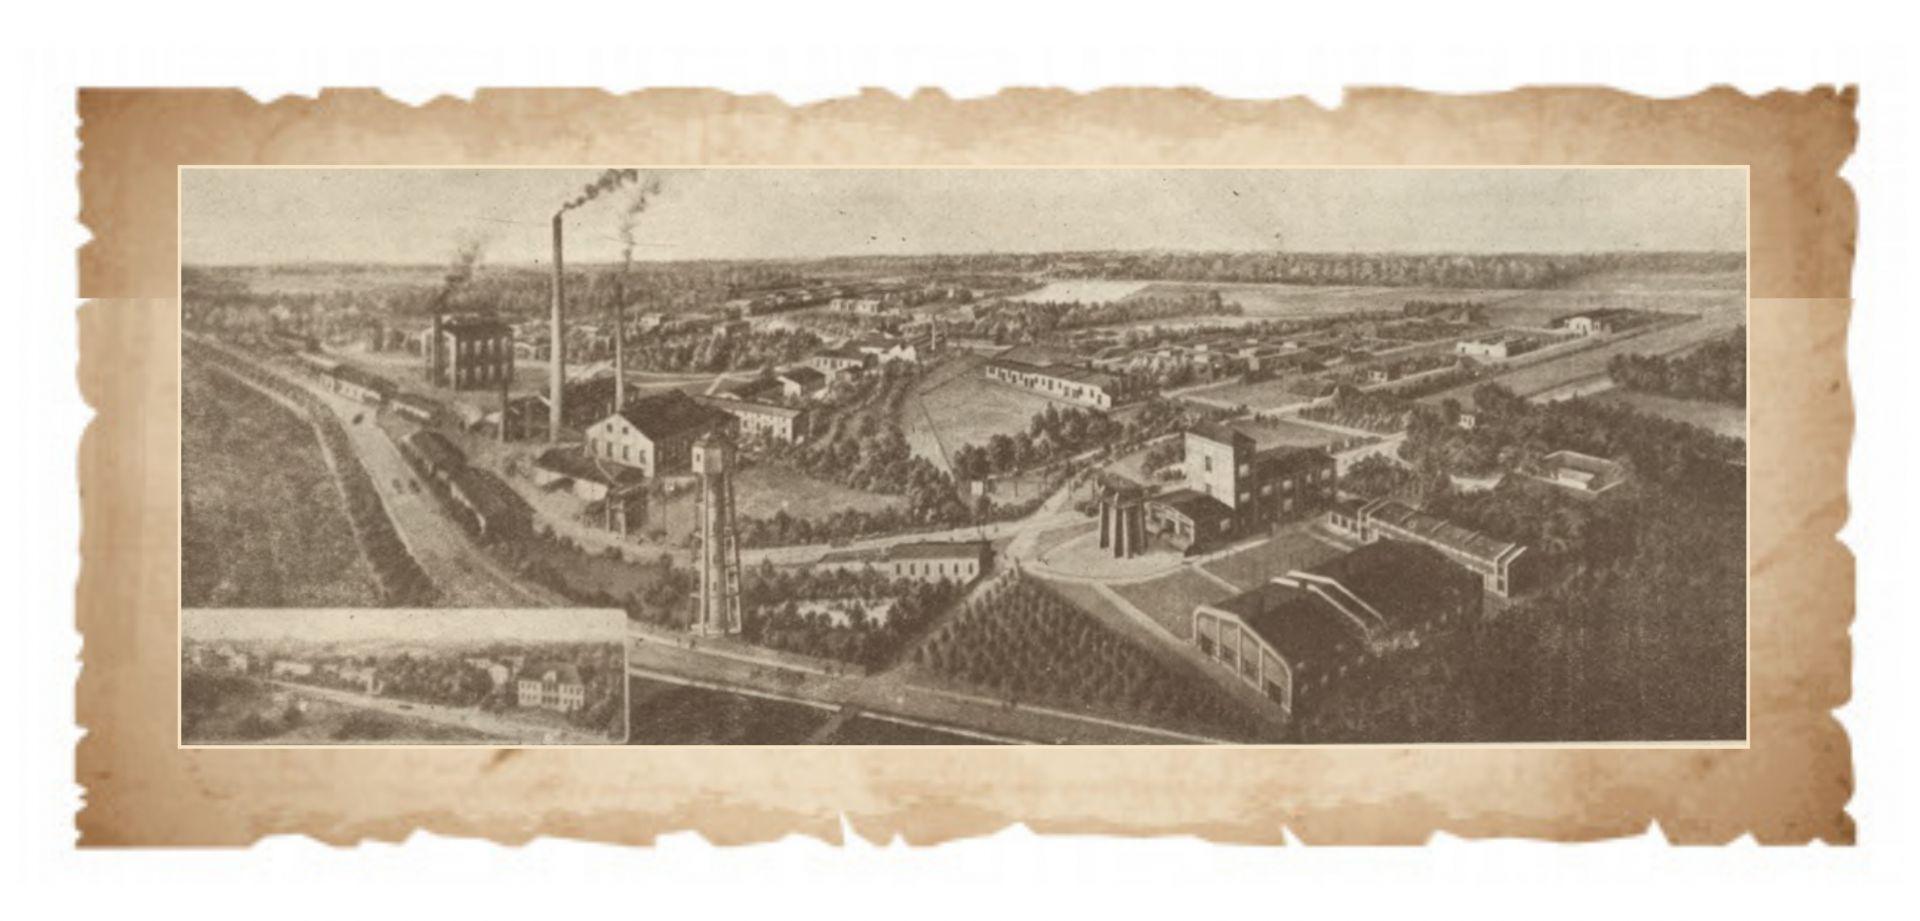 Widok Fabryki Lignoza_przełom XIX i XX wieku